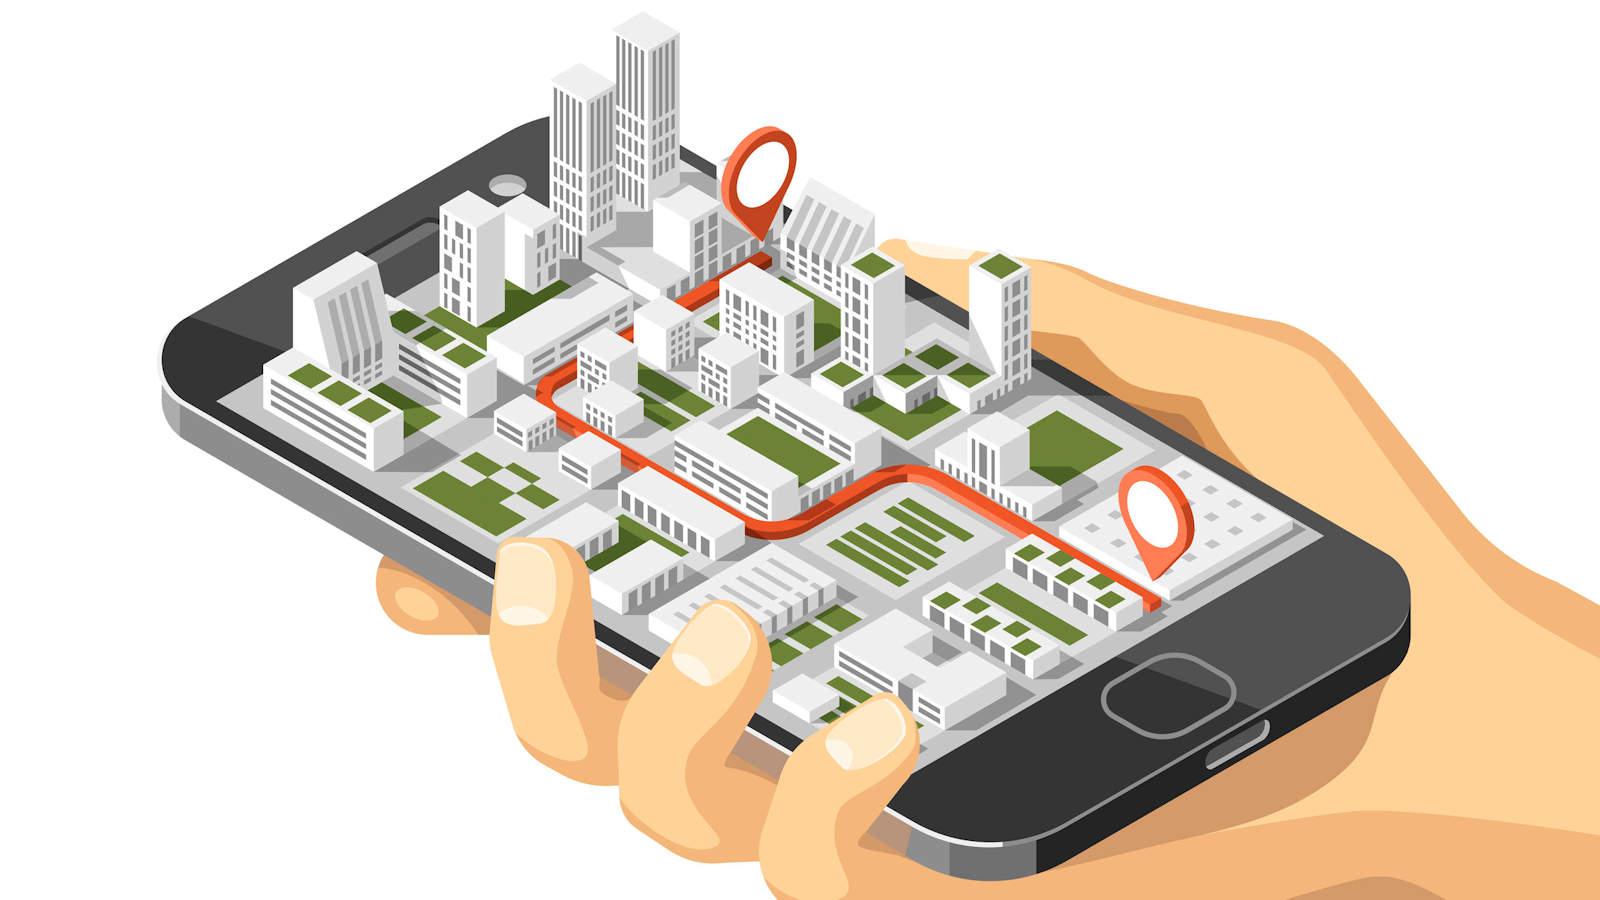 前橋市がスーパーシティ構想で154事業者と連携、「まえばしID」活用など目指す